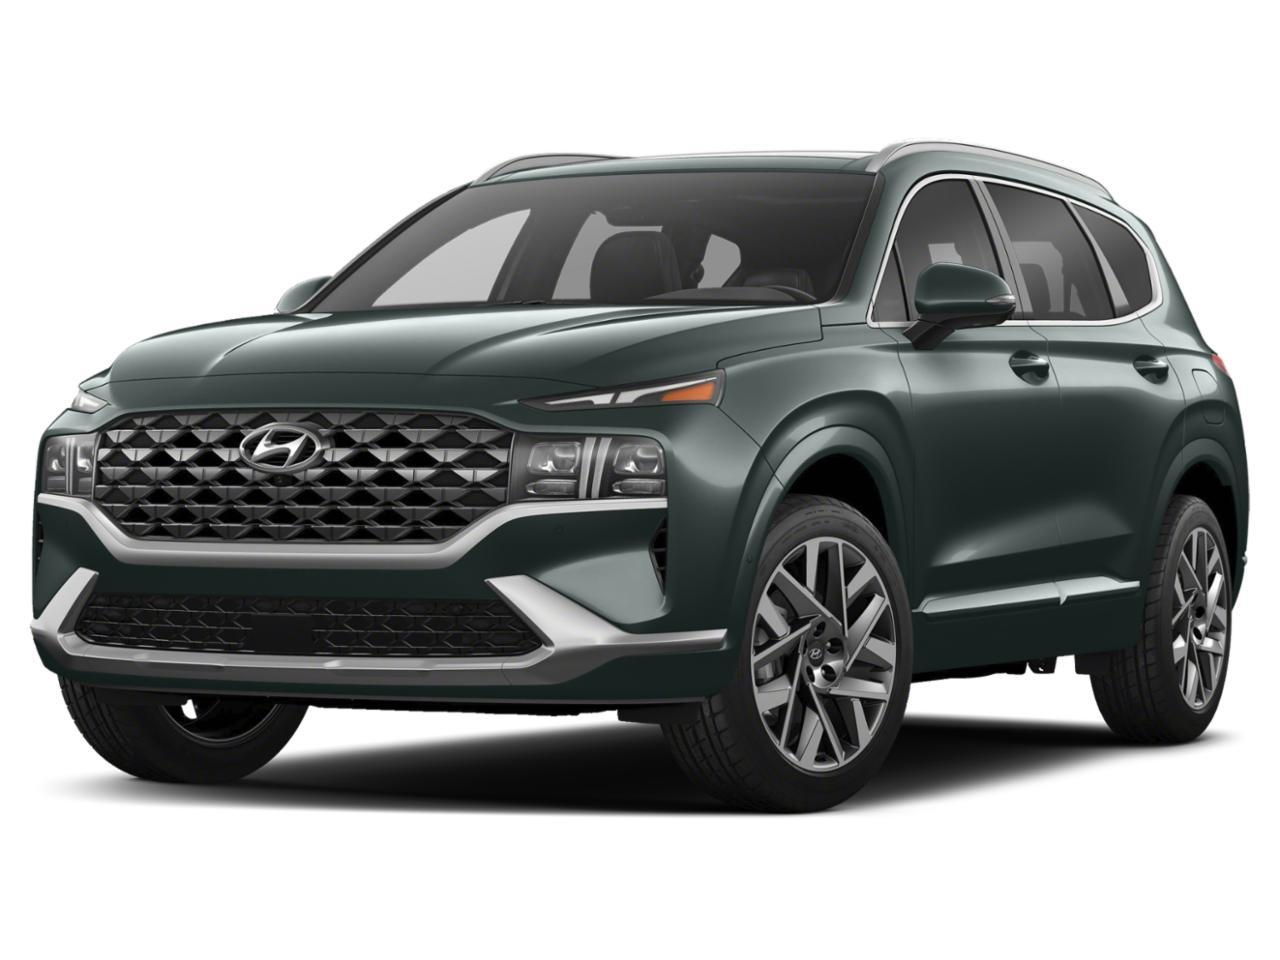 How does the hyundai santa fe compare to the jeep commander? 2021 Hyundai Santa Fe Limited AWD Hampton Gray Sport